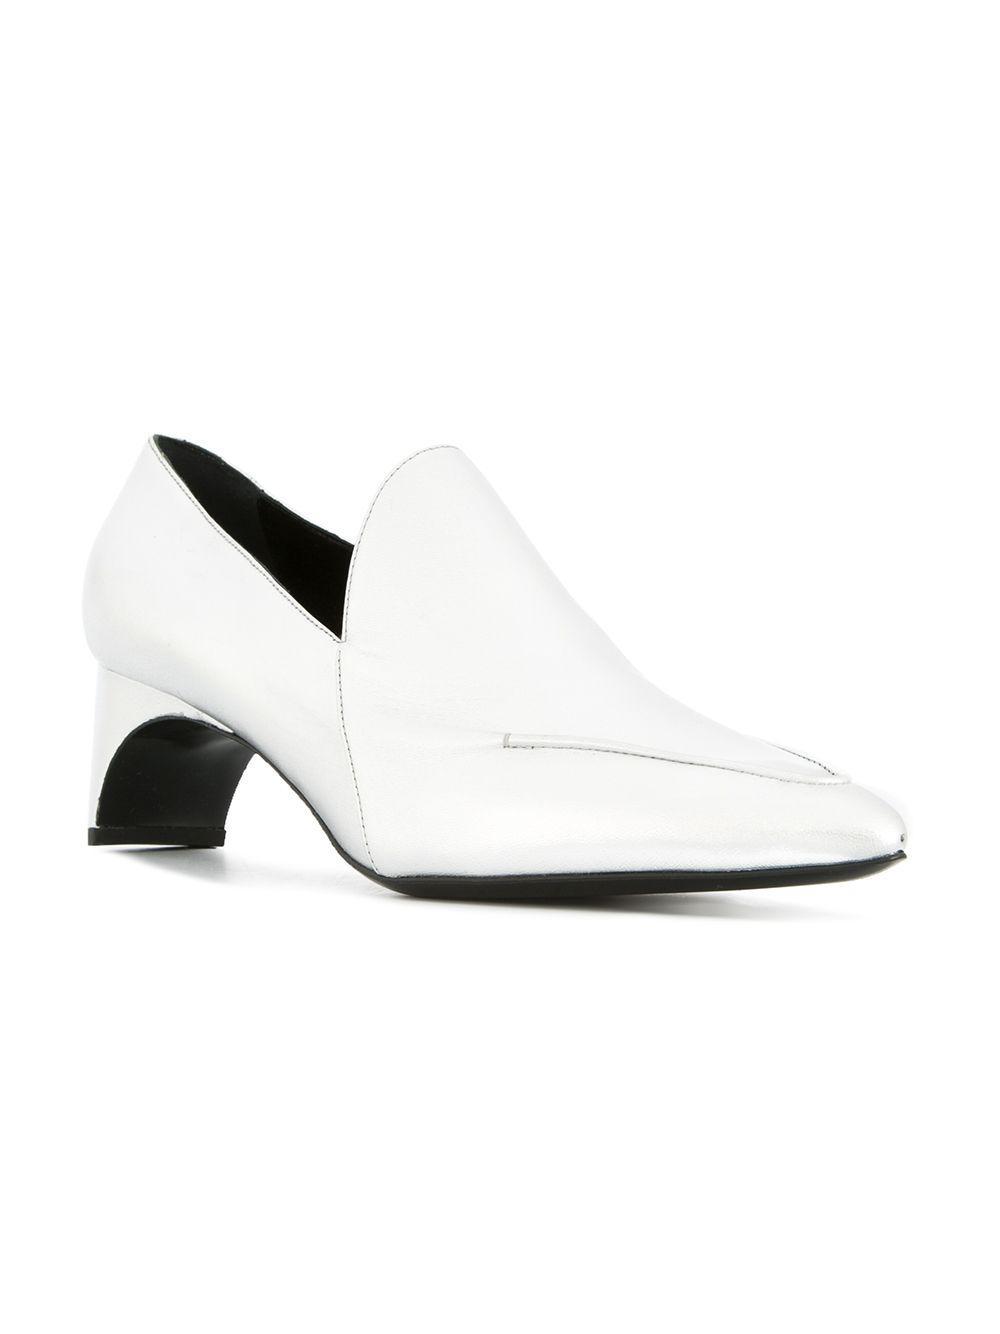 b487df96f14 Pierre Hardy Heeled Loafers in Metallic - Lyst